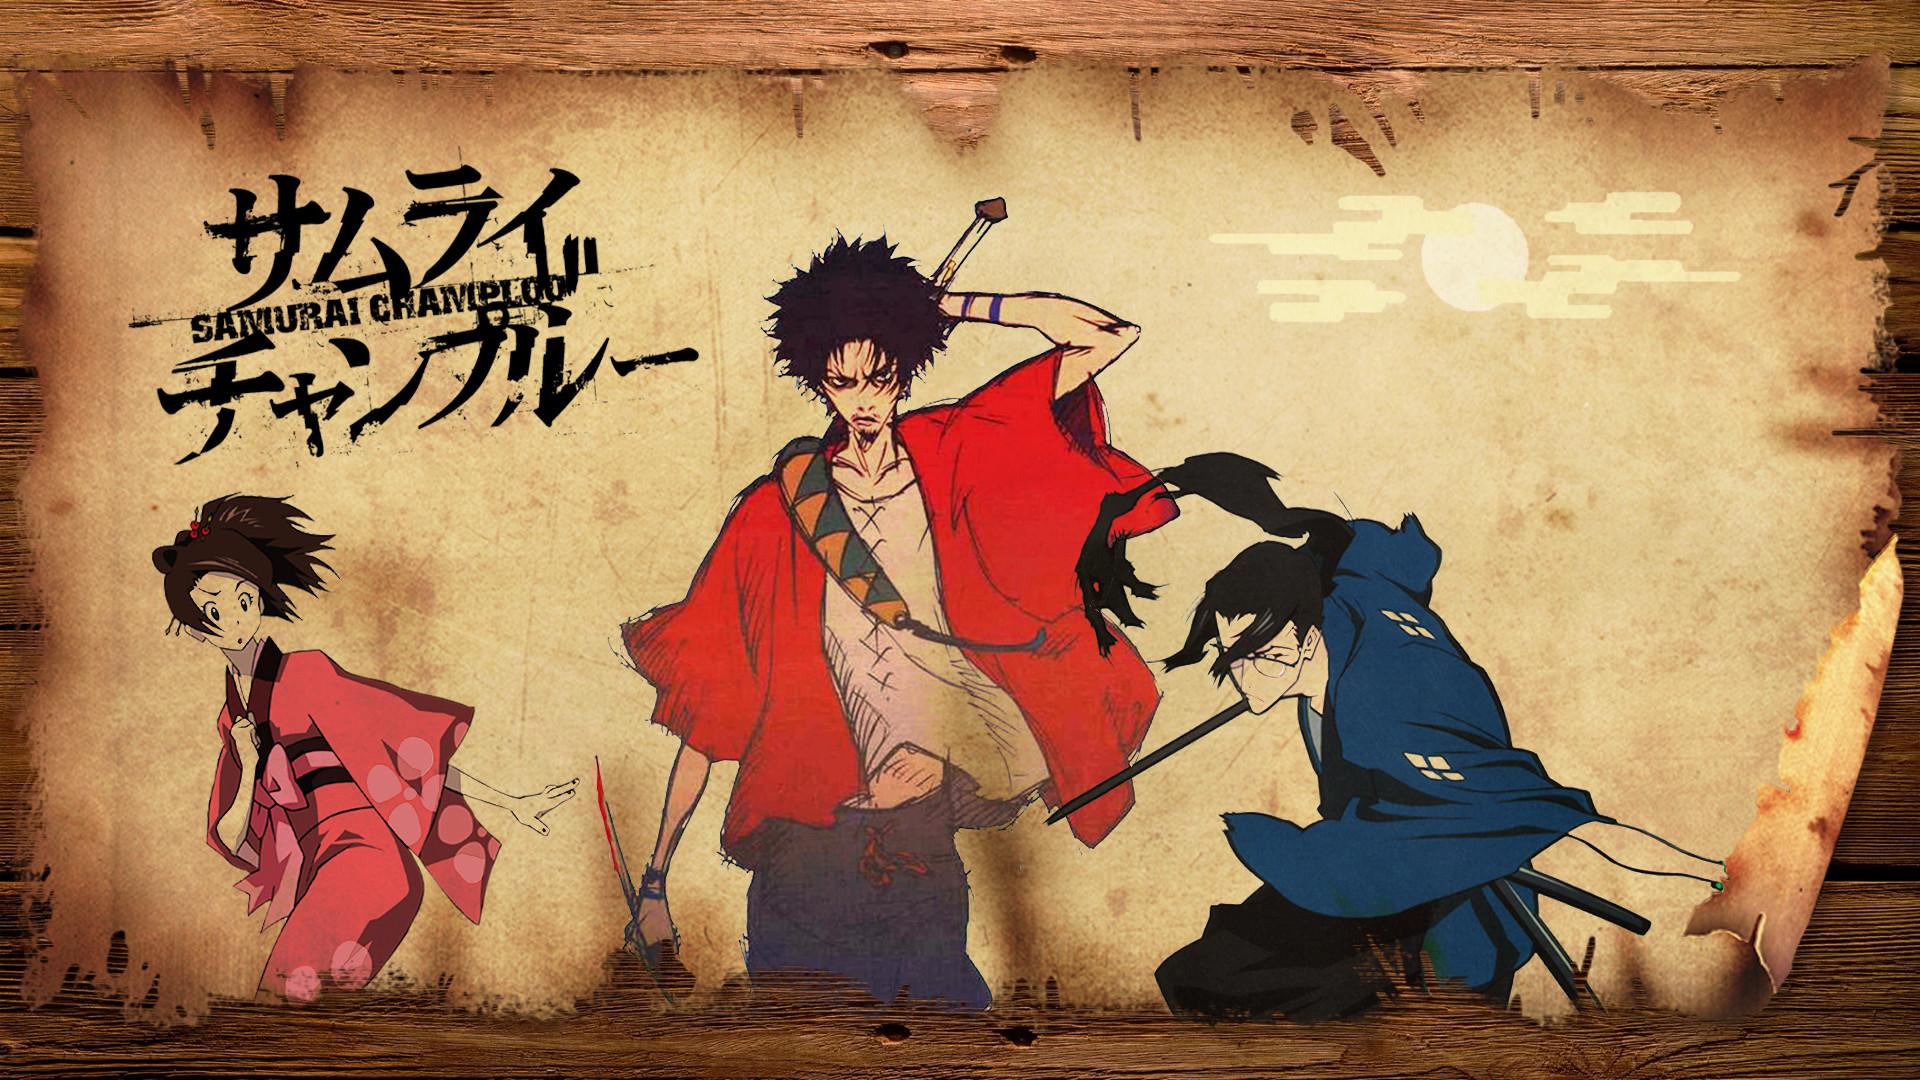 Samurai Champloo Wallpaper by ToNyZeX1995 Samurai Champloo Wallpaper by  ToNyZeX1995